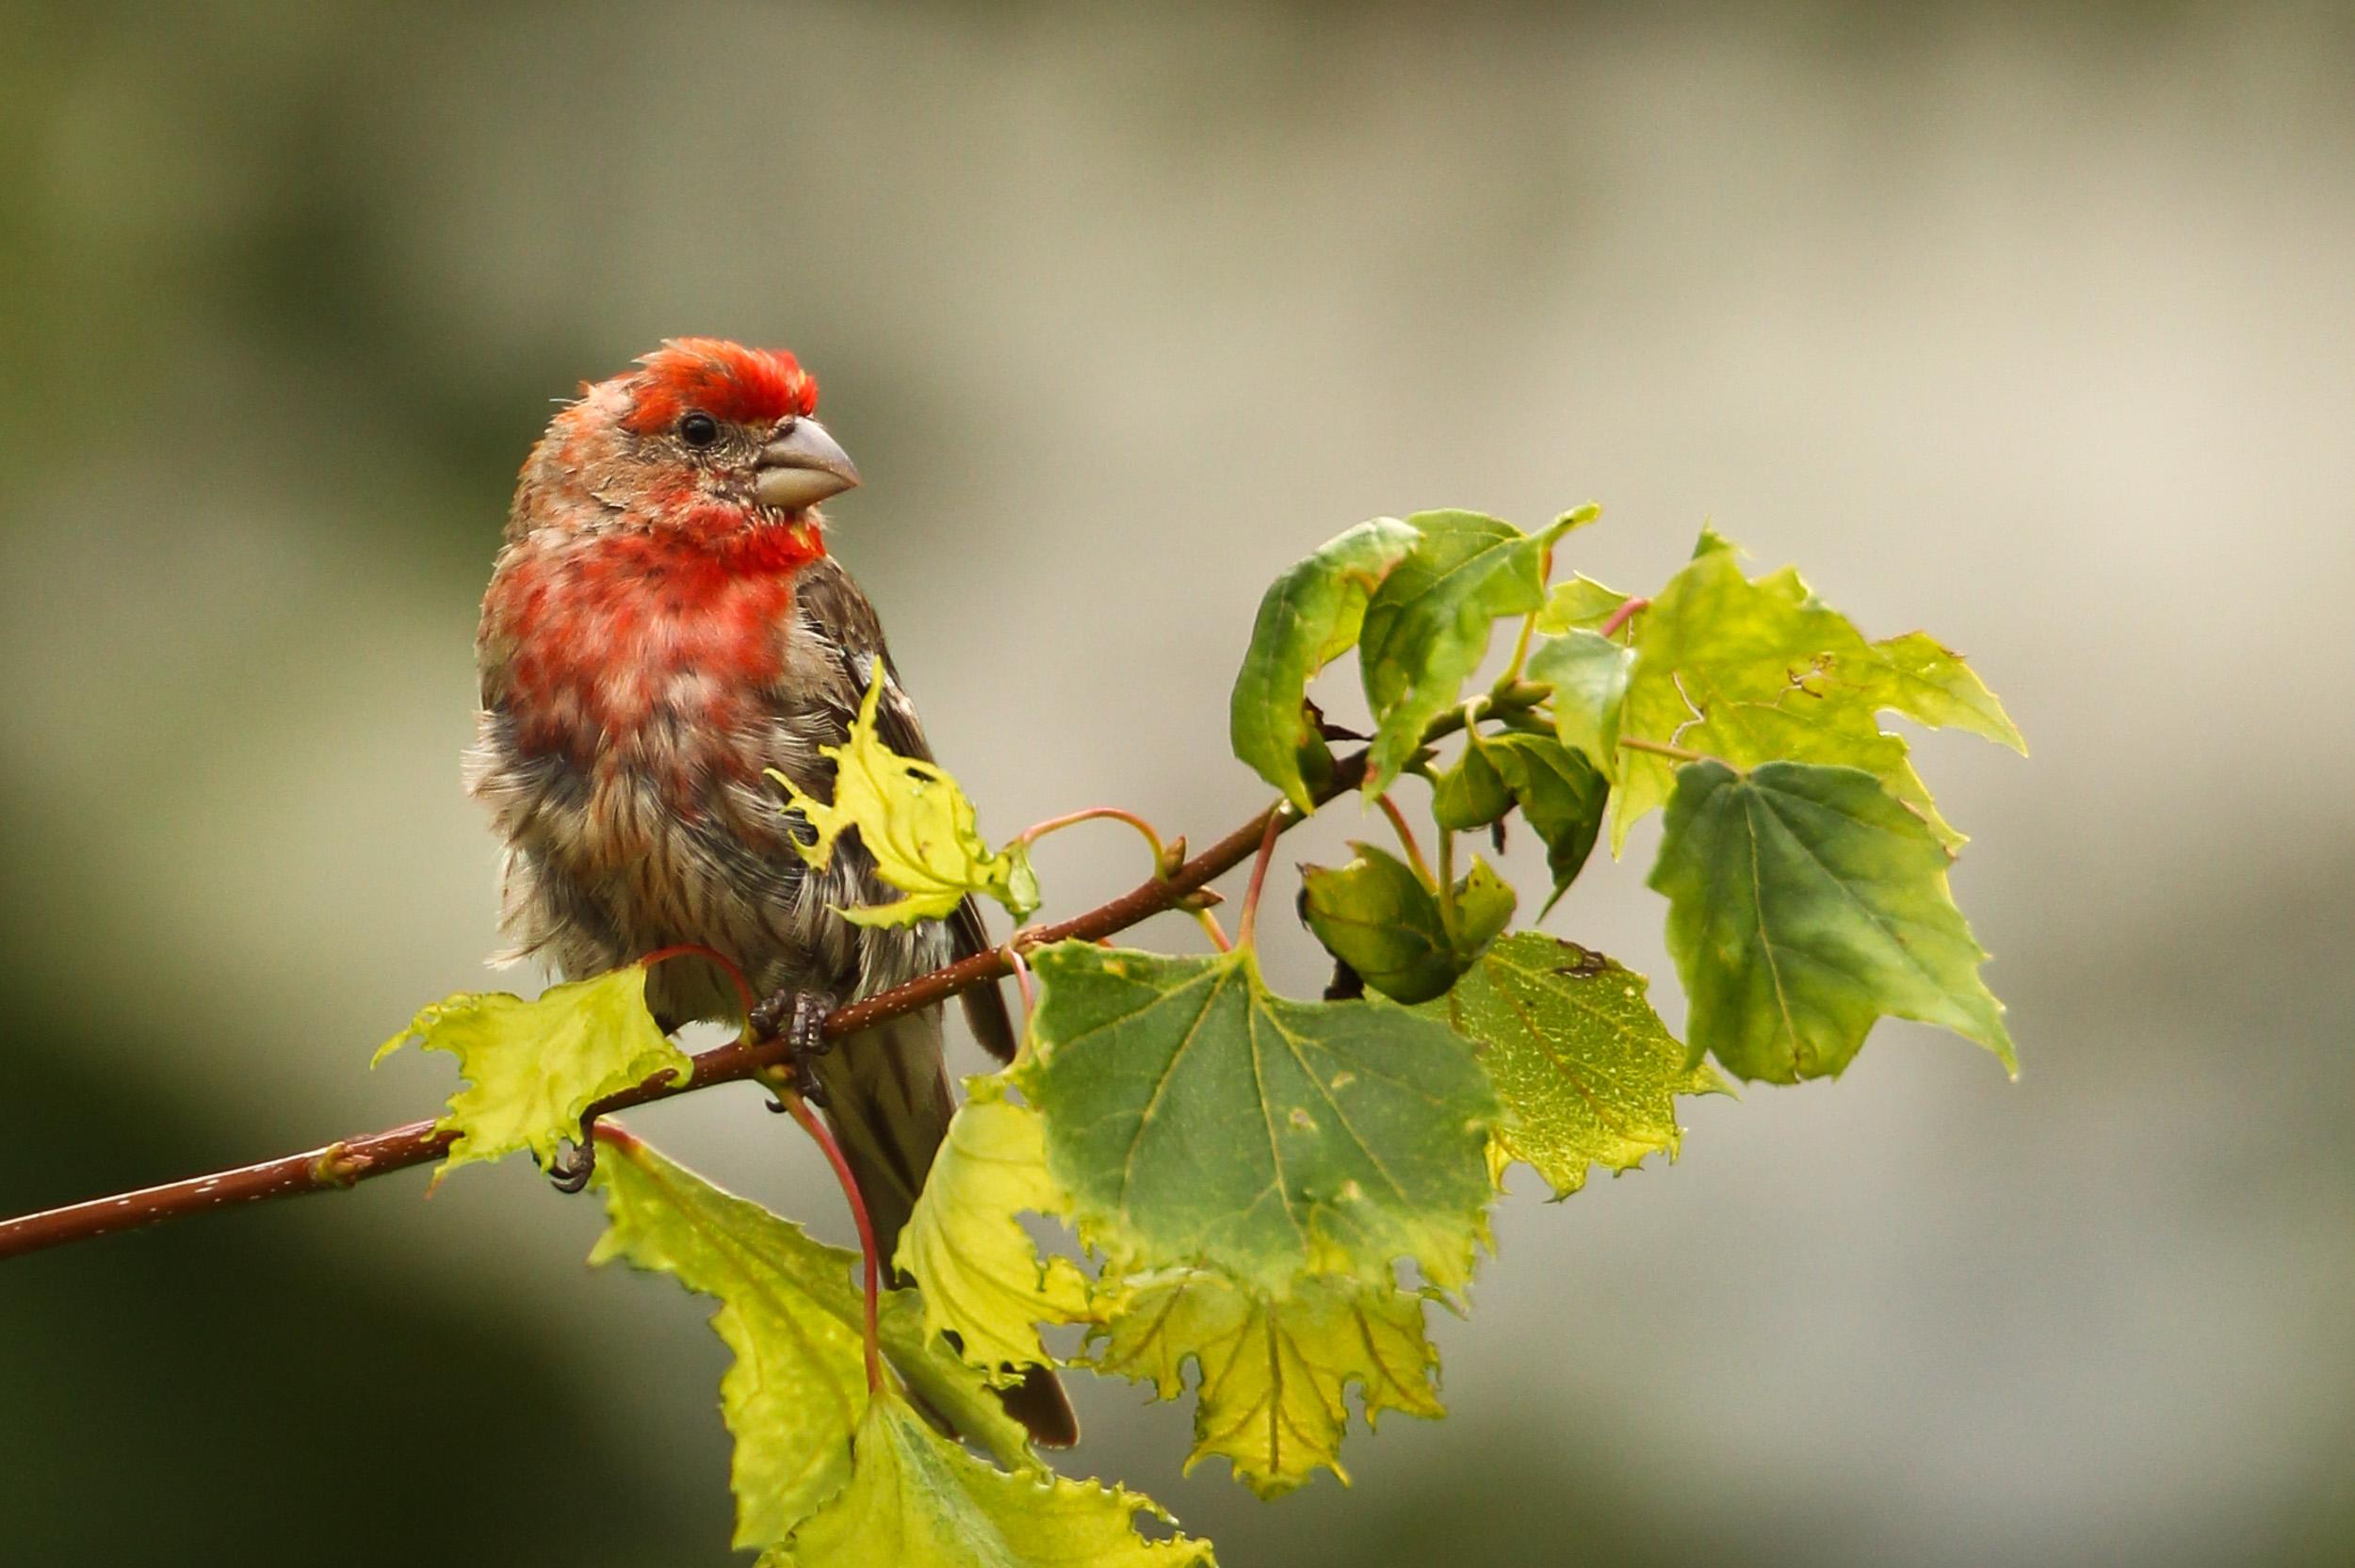 FabioBoscoPhotography_House Finch Bird-035703.jpg